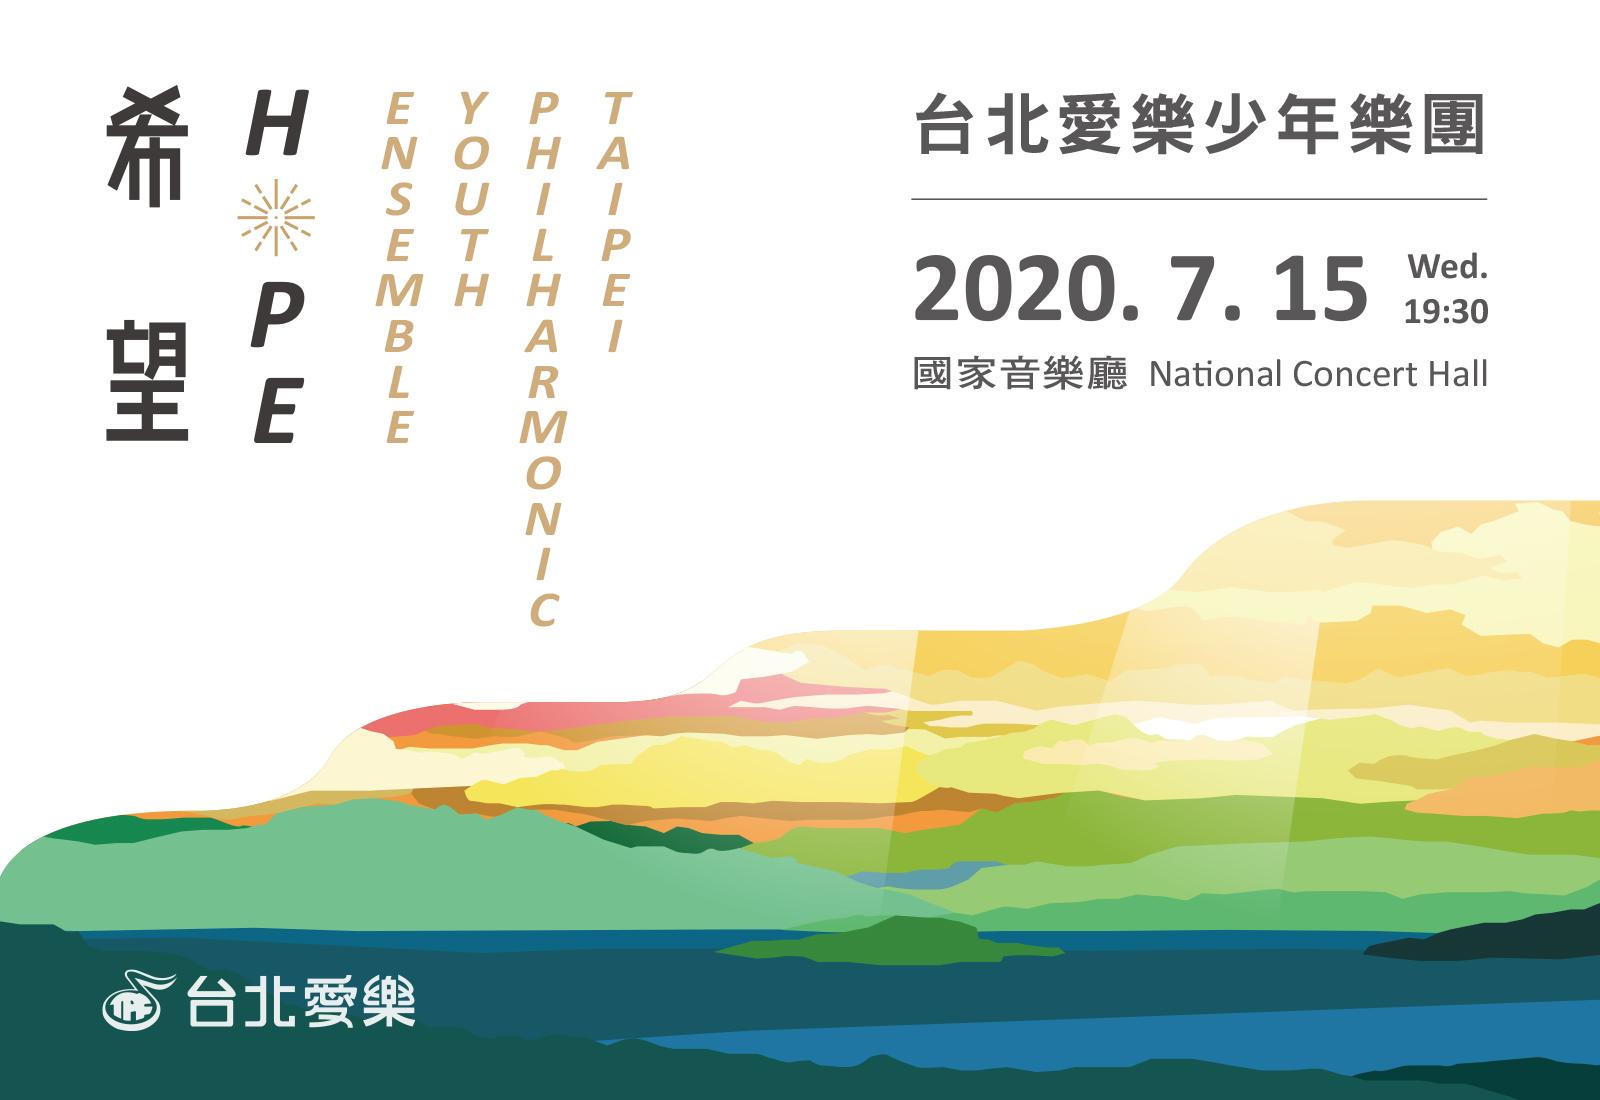 7/15 《希望》-2020台北愛樂少年樂團定期音樂會